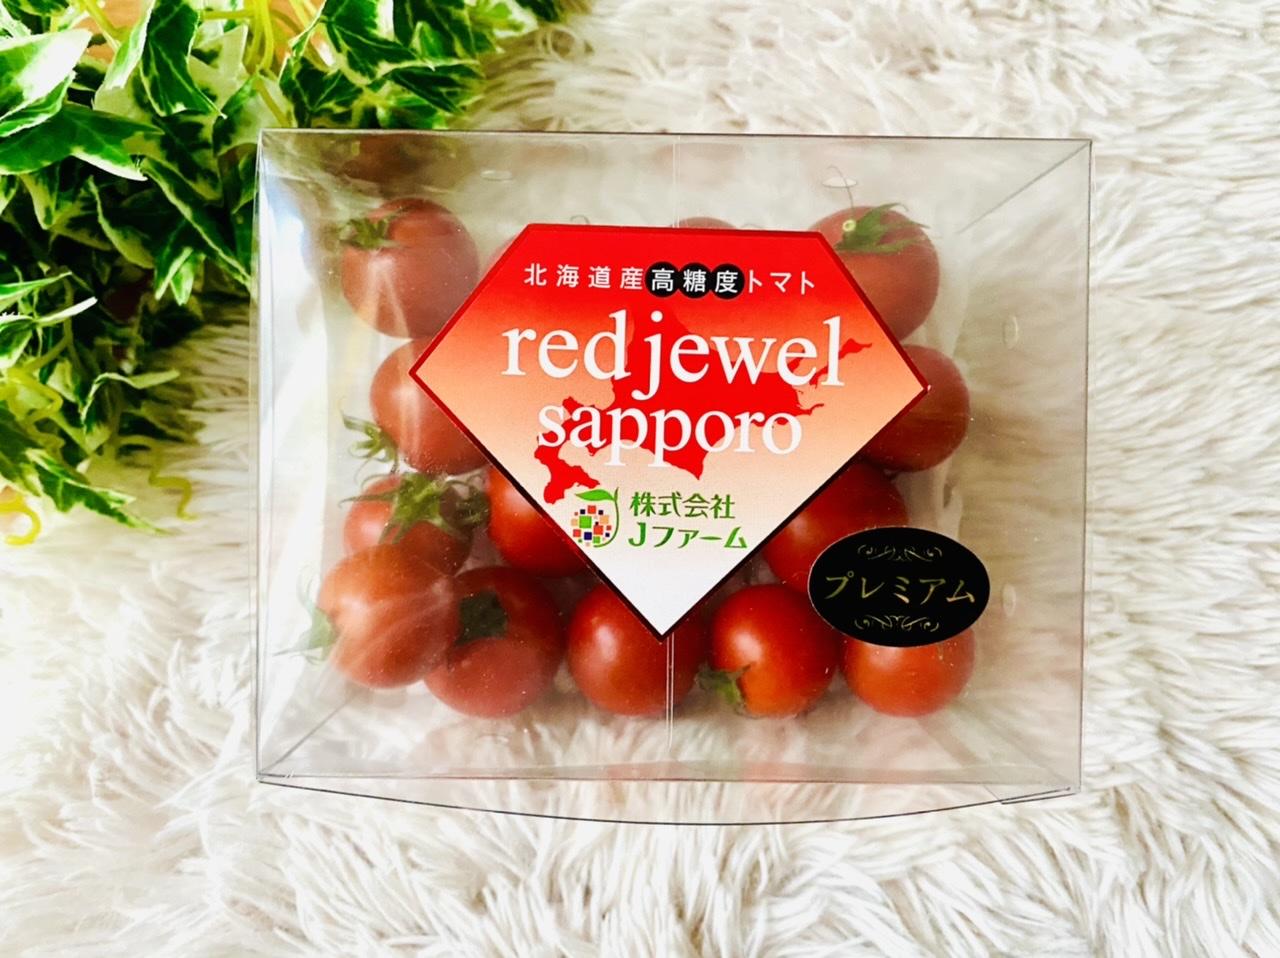 まるでスイーツ!北海道産高糖度トマト《レッドジュエル・プレミアム》が美味しすぎ♡_1